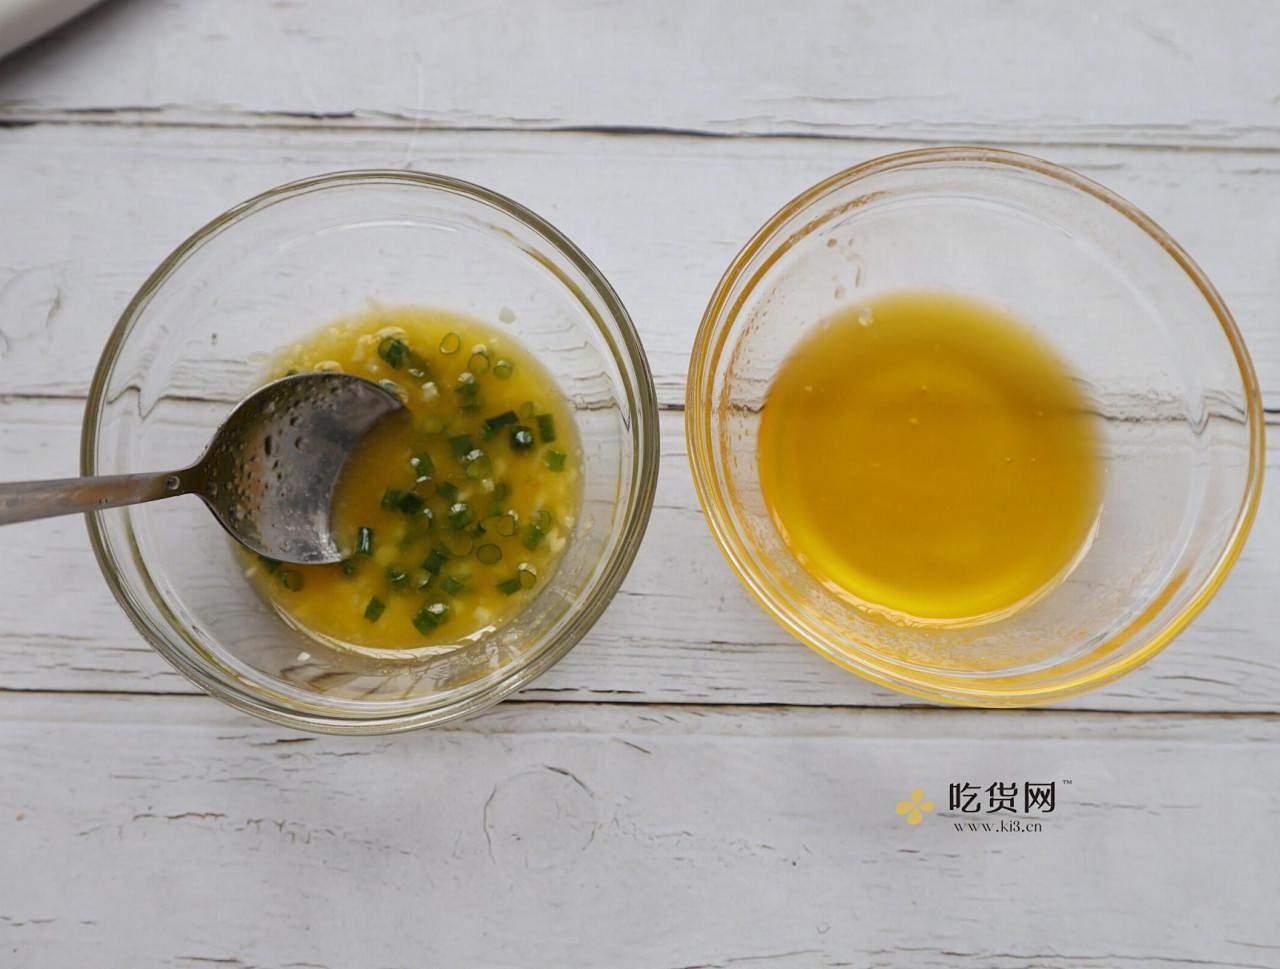 可甜可盐❗️蜂蜜黄油&蒜蓉烤吐司的做法 步骤3